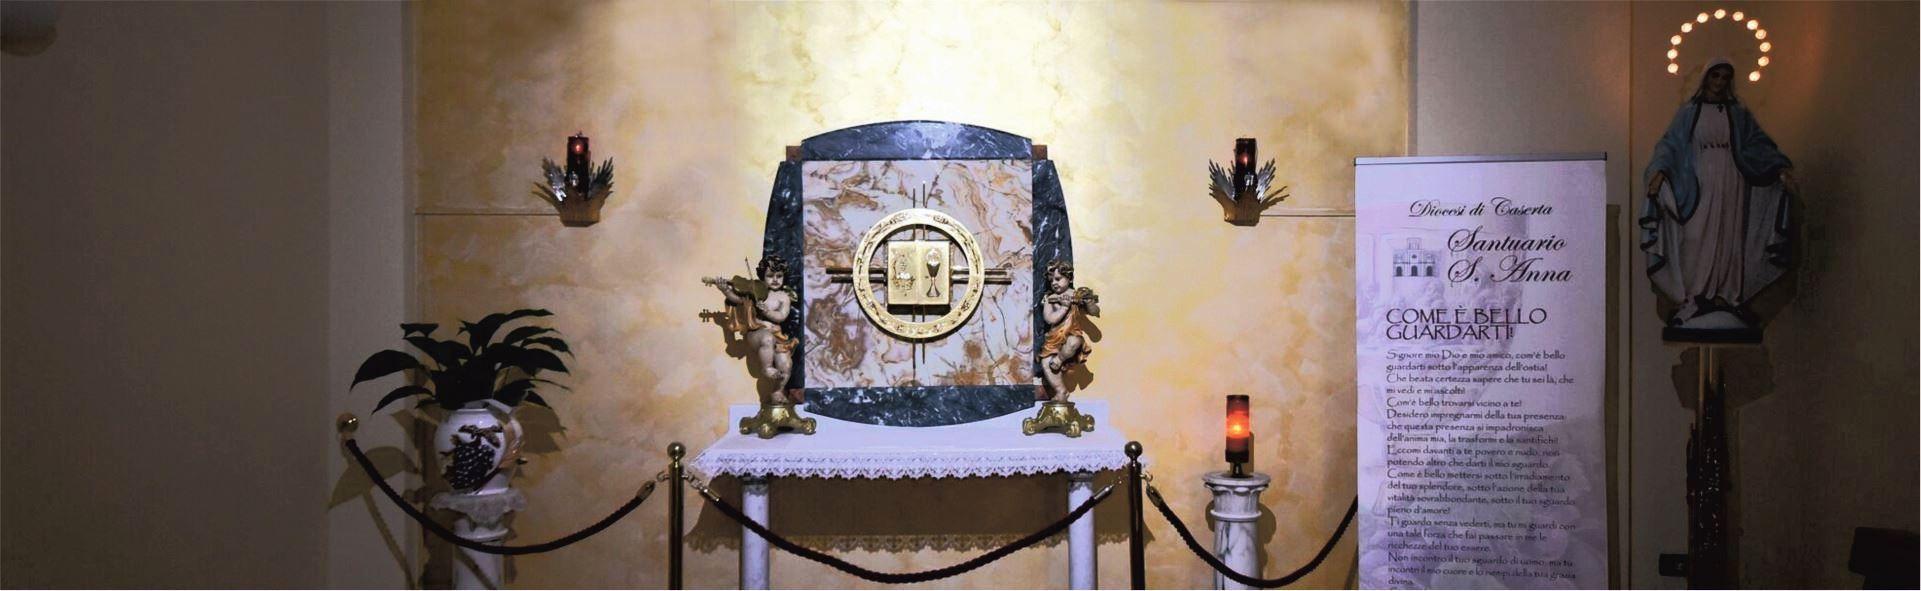 Cappella del Santissimo - Santuario Sant'Anna - Caserta